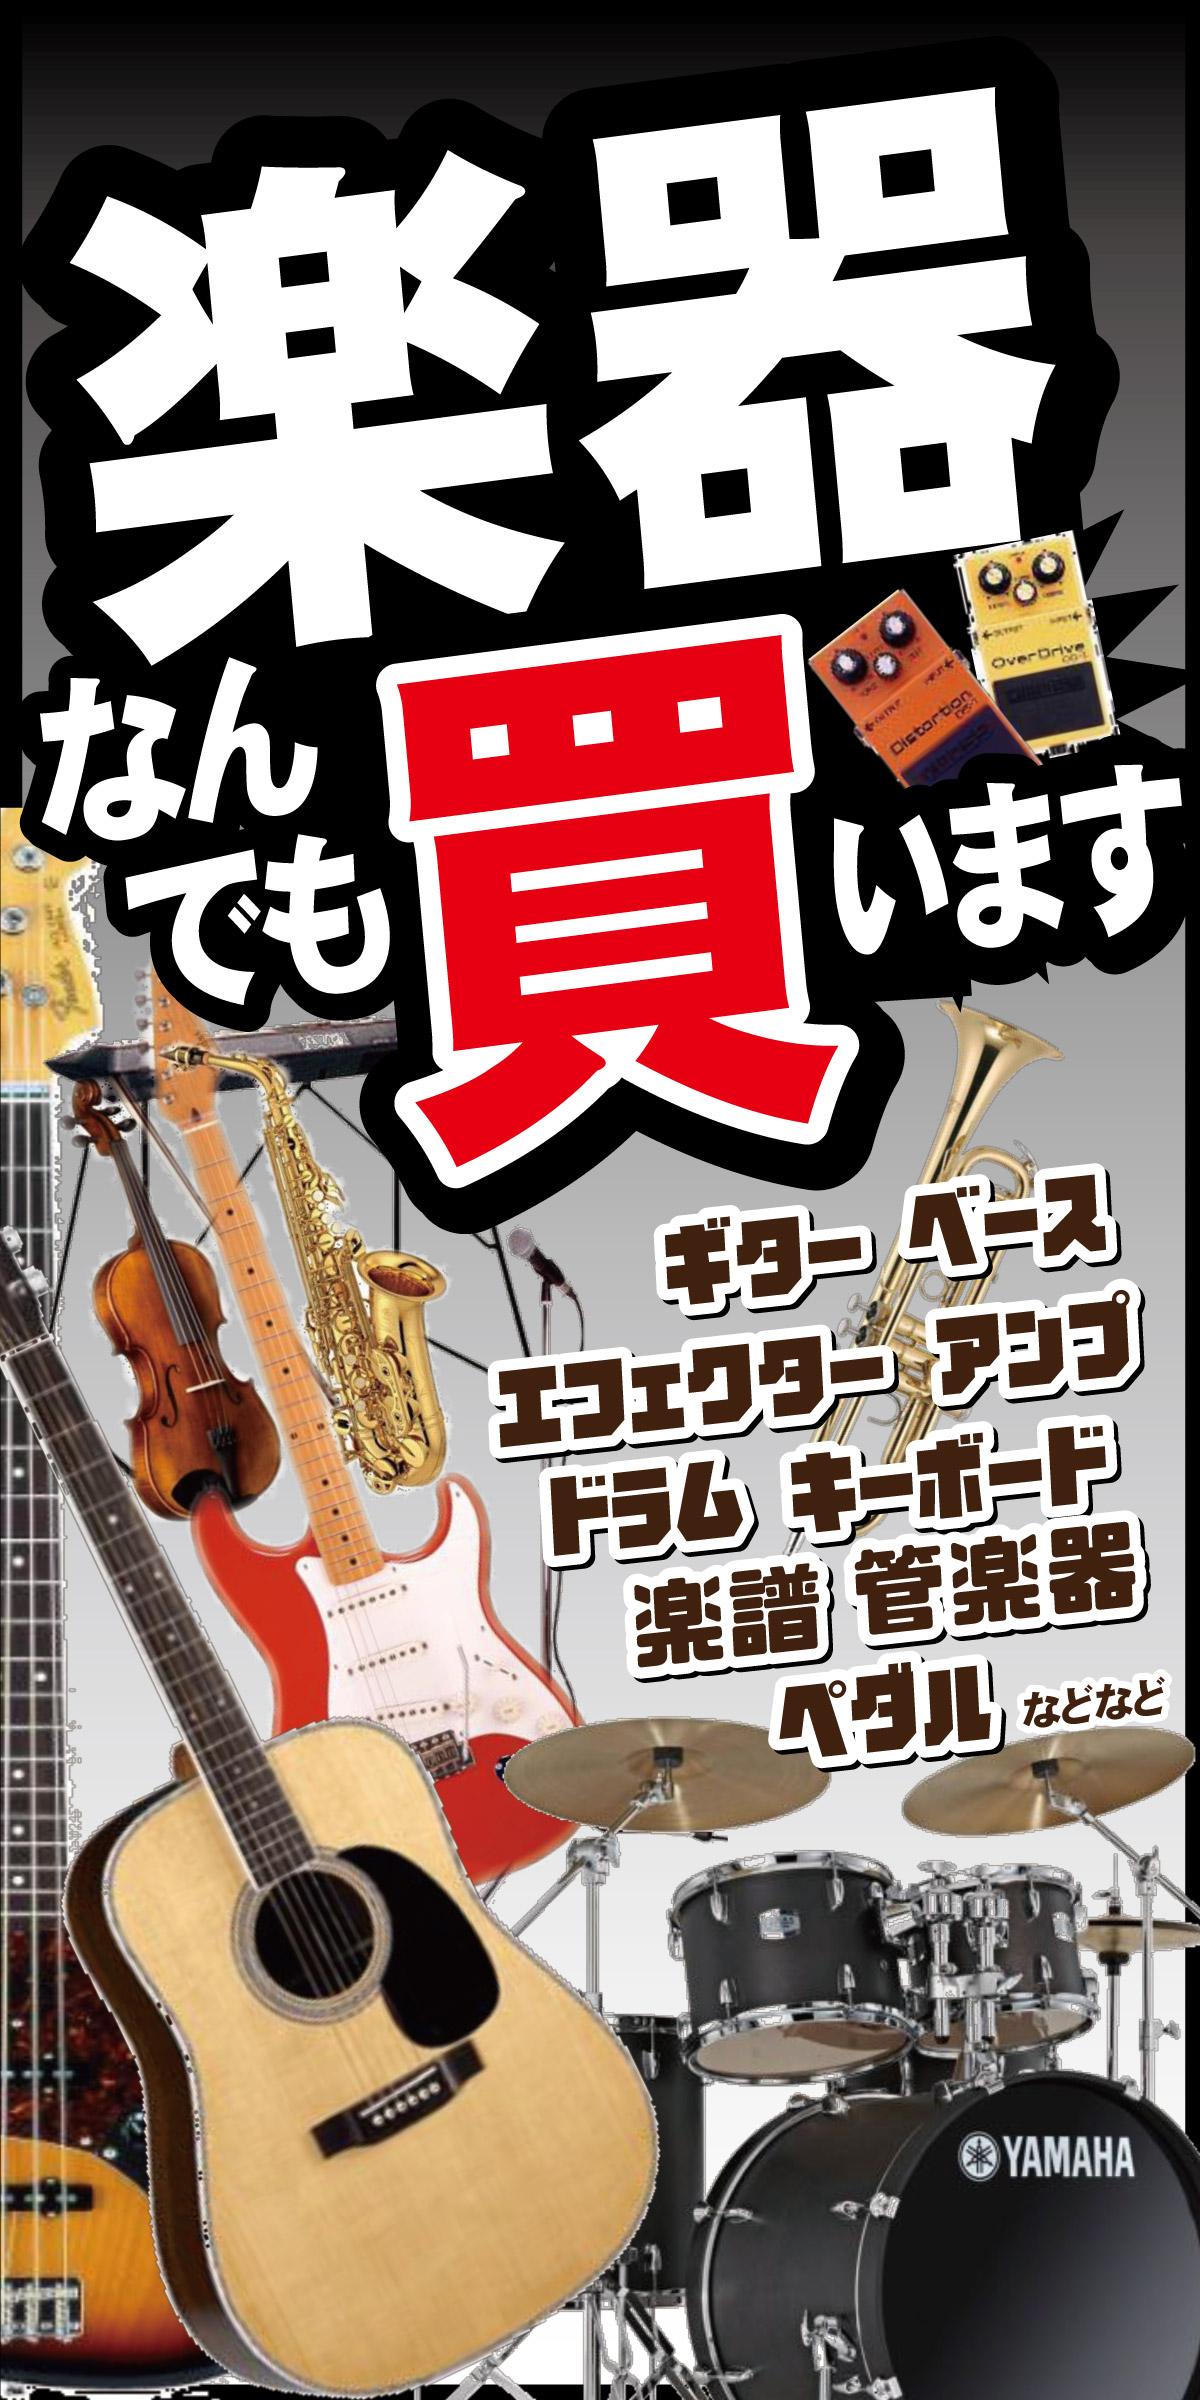 「開放倉庫山城店」古着館<楽器なんでも買います>ギター、ベース、エフェクター、アンプ、ドラム、キーボード、楽譜、管楽器、ペダルなどなど